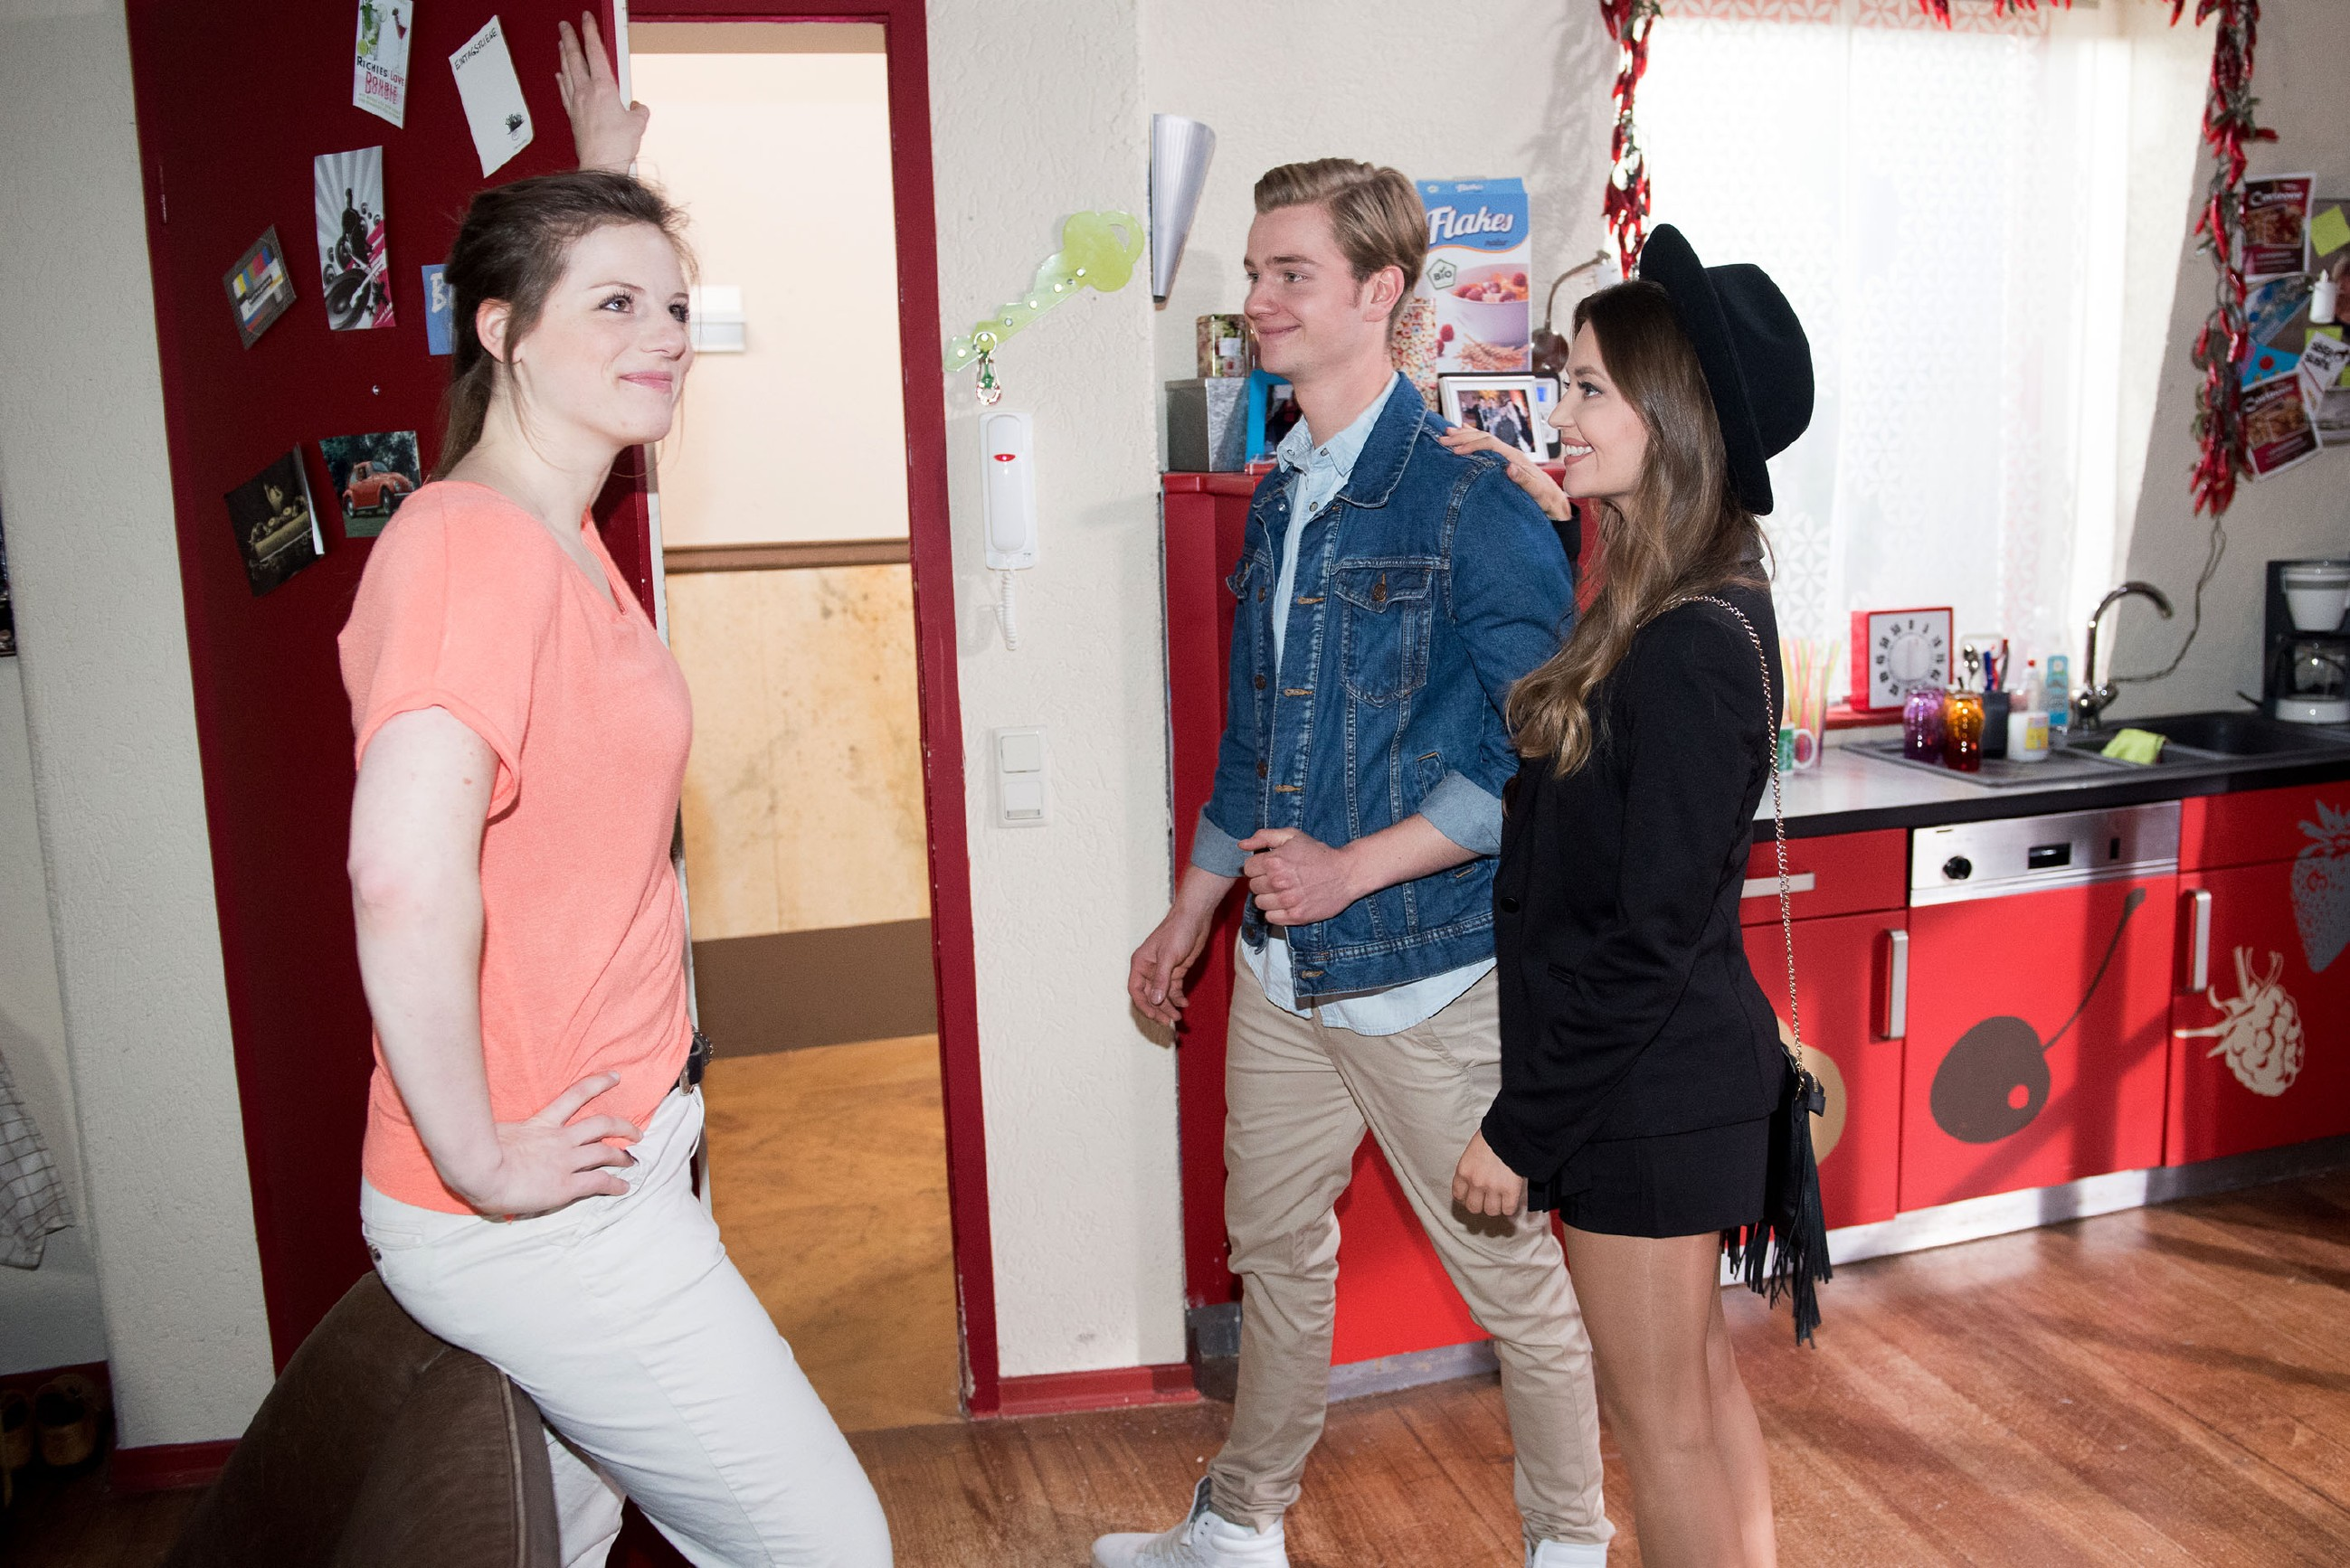 Elli (Nora Koppen, l.) schmunzelt, als der verliebte Valentin (Aaron Koszuta) mit Jule (Amrei Haardt) zu ihrem geplanten Date aufbricht. (Quelle: RTL / Stefan Behrens)